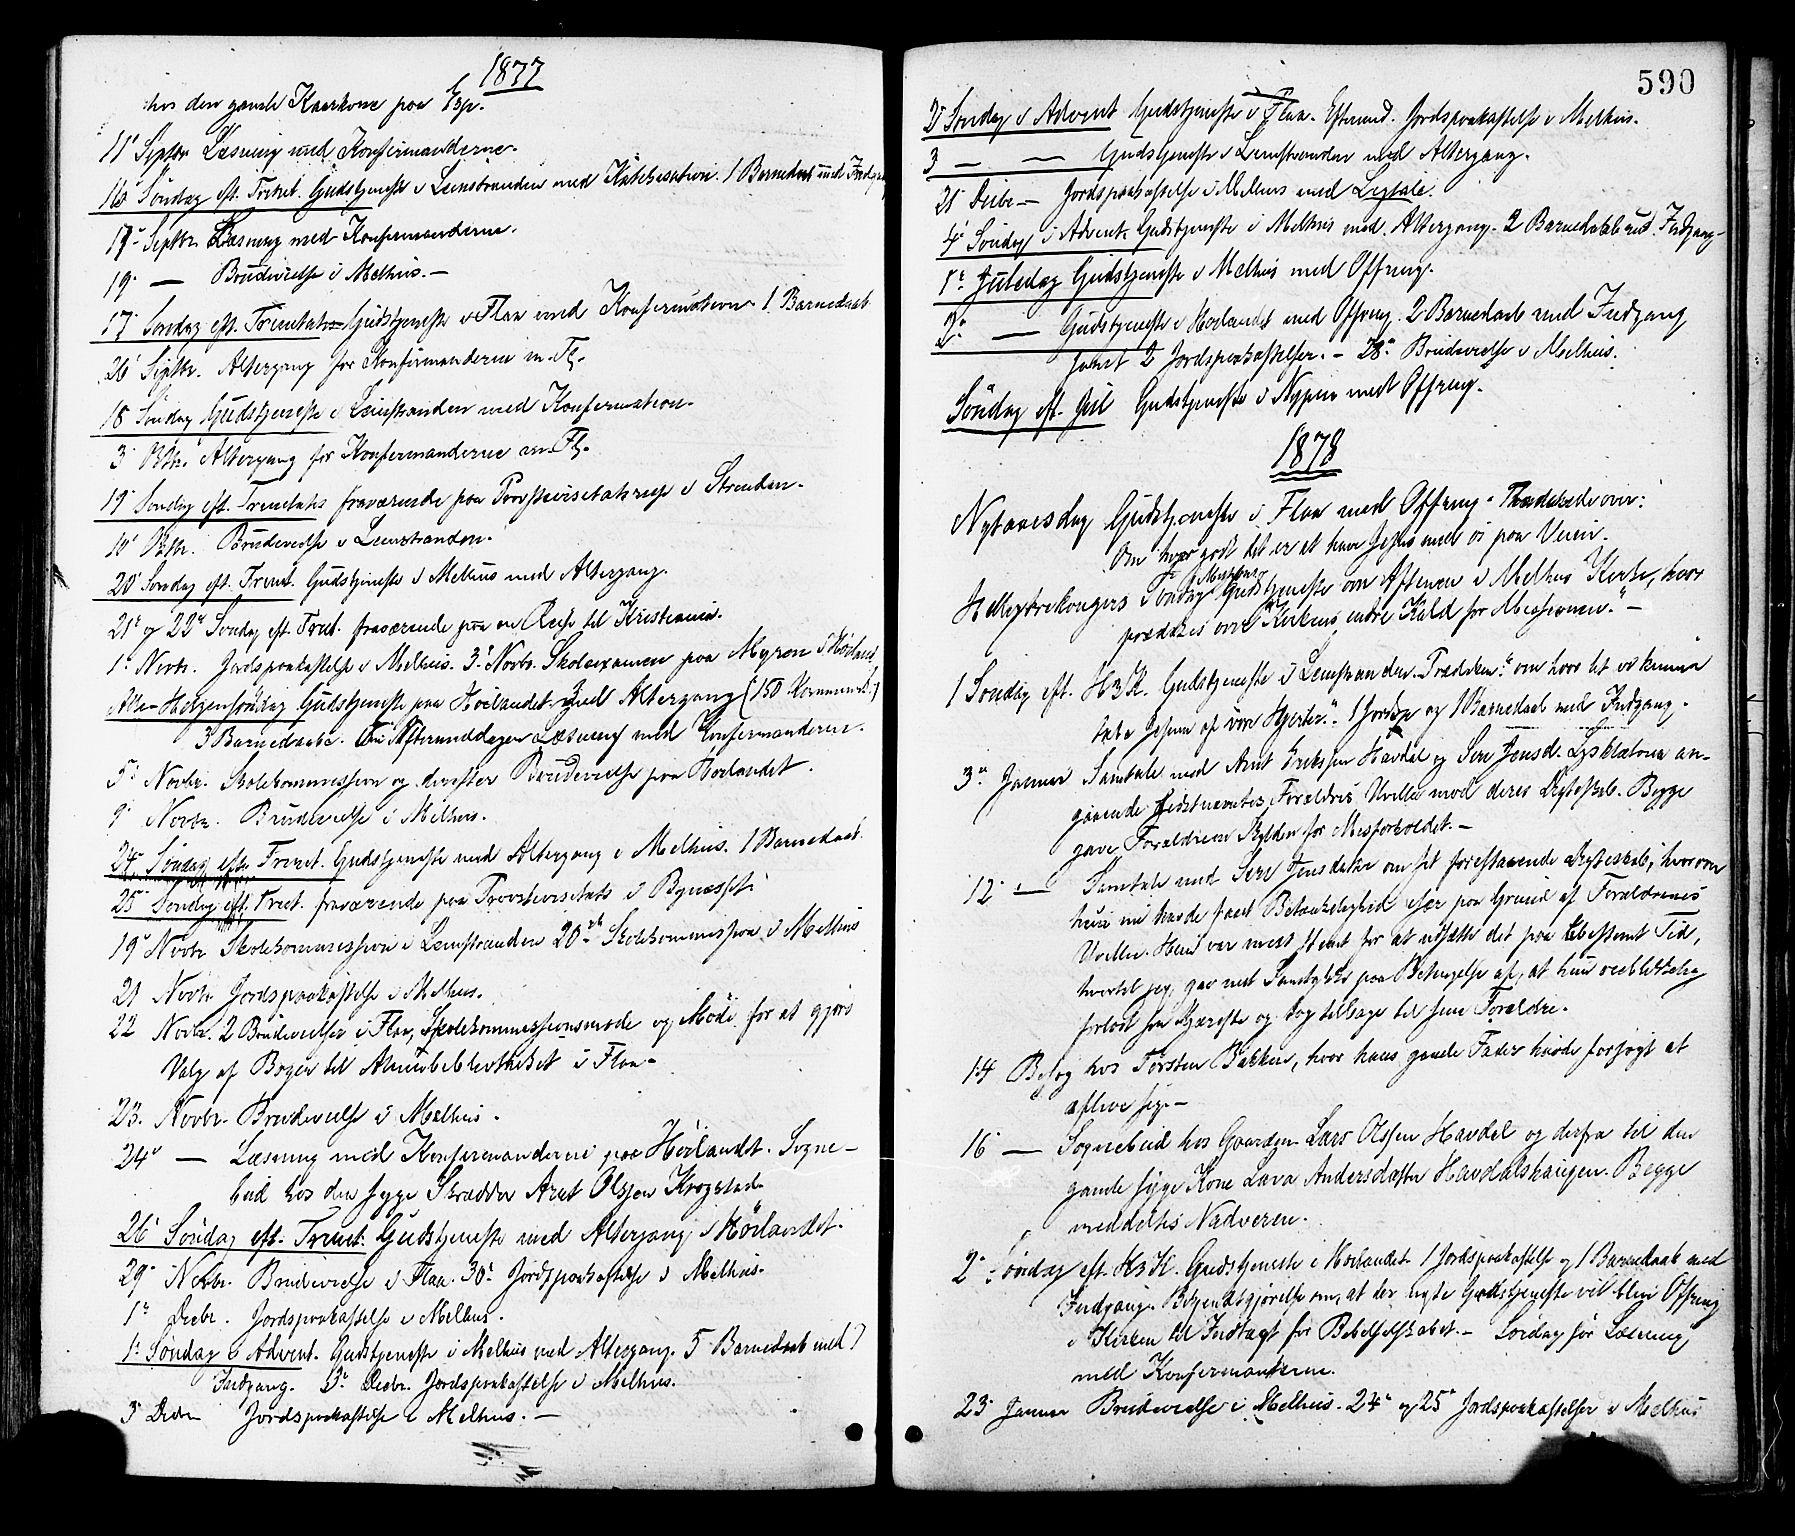 SAT, Ministerialprotokoller, klokkerbøker og fødselsregistre - Sør-Trøndelag, 691/L1079: Ministerialbok nr. 691A11, 1873-1886, s. 590